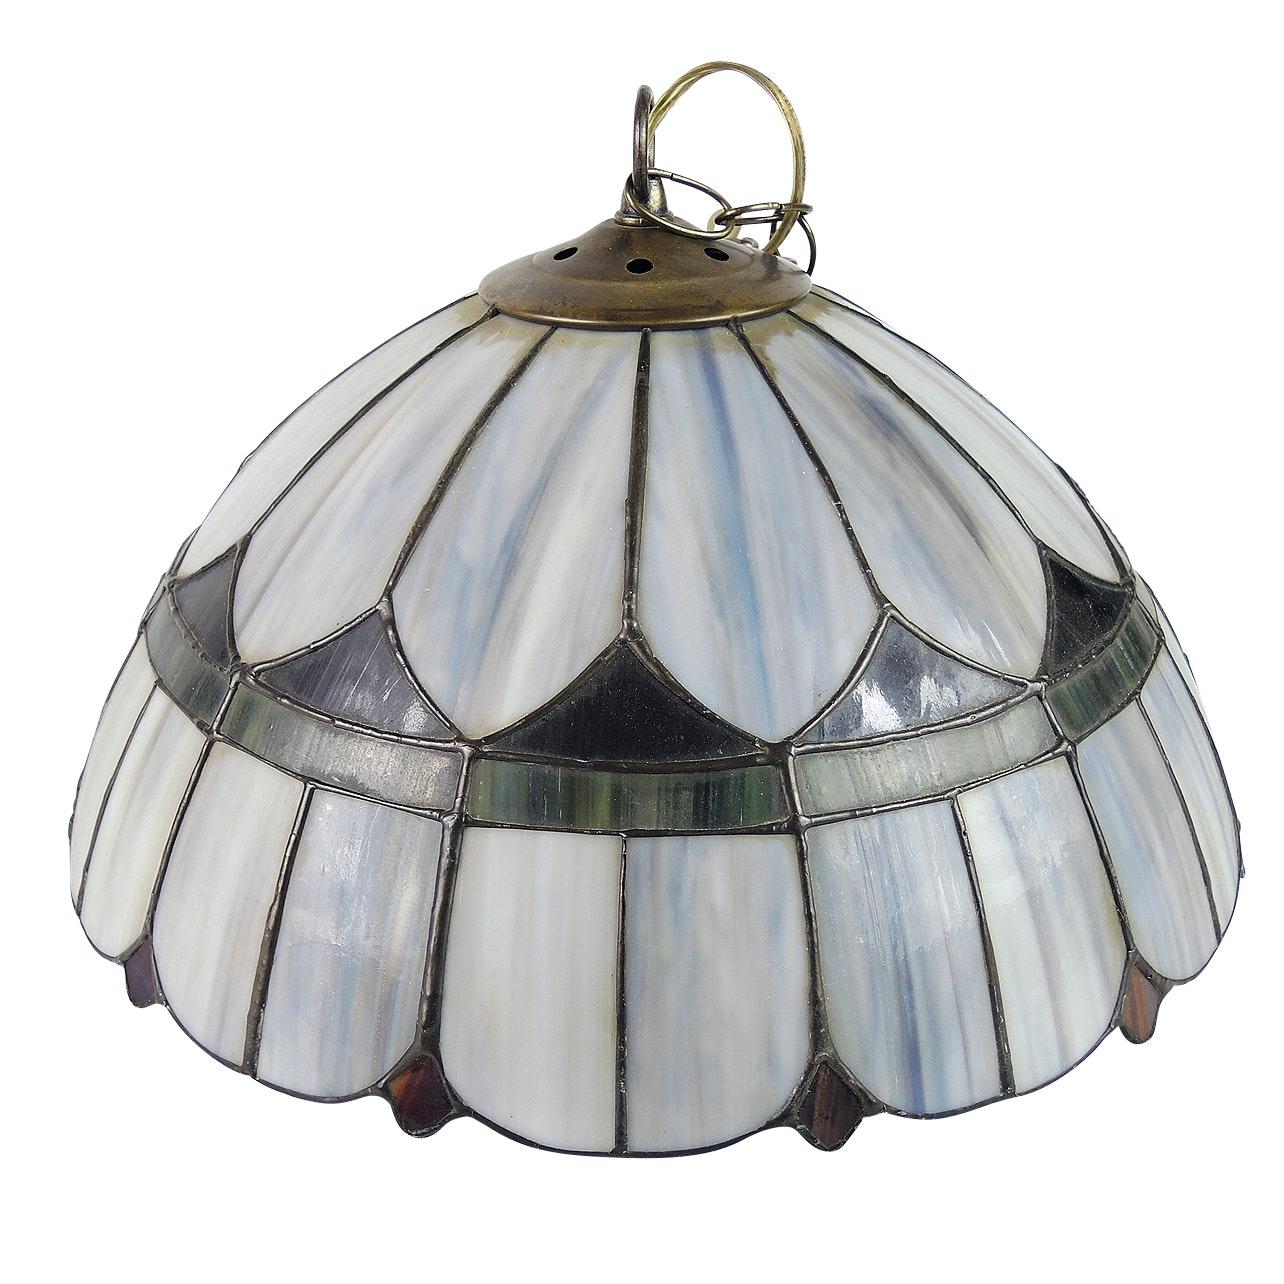 Slag Glass Pendant Lamp